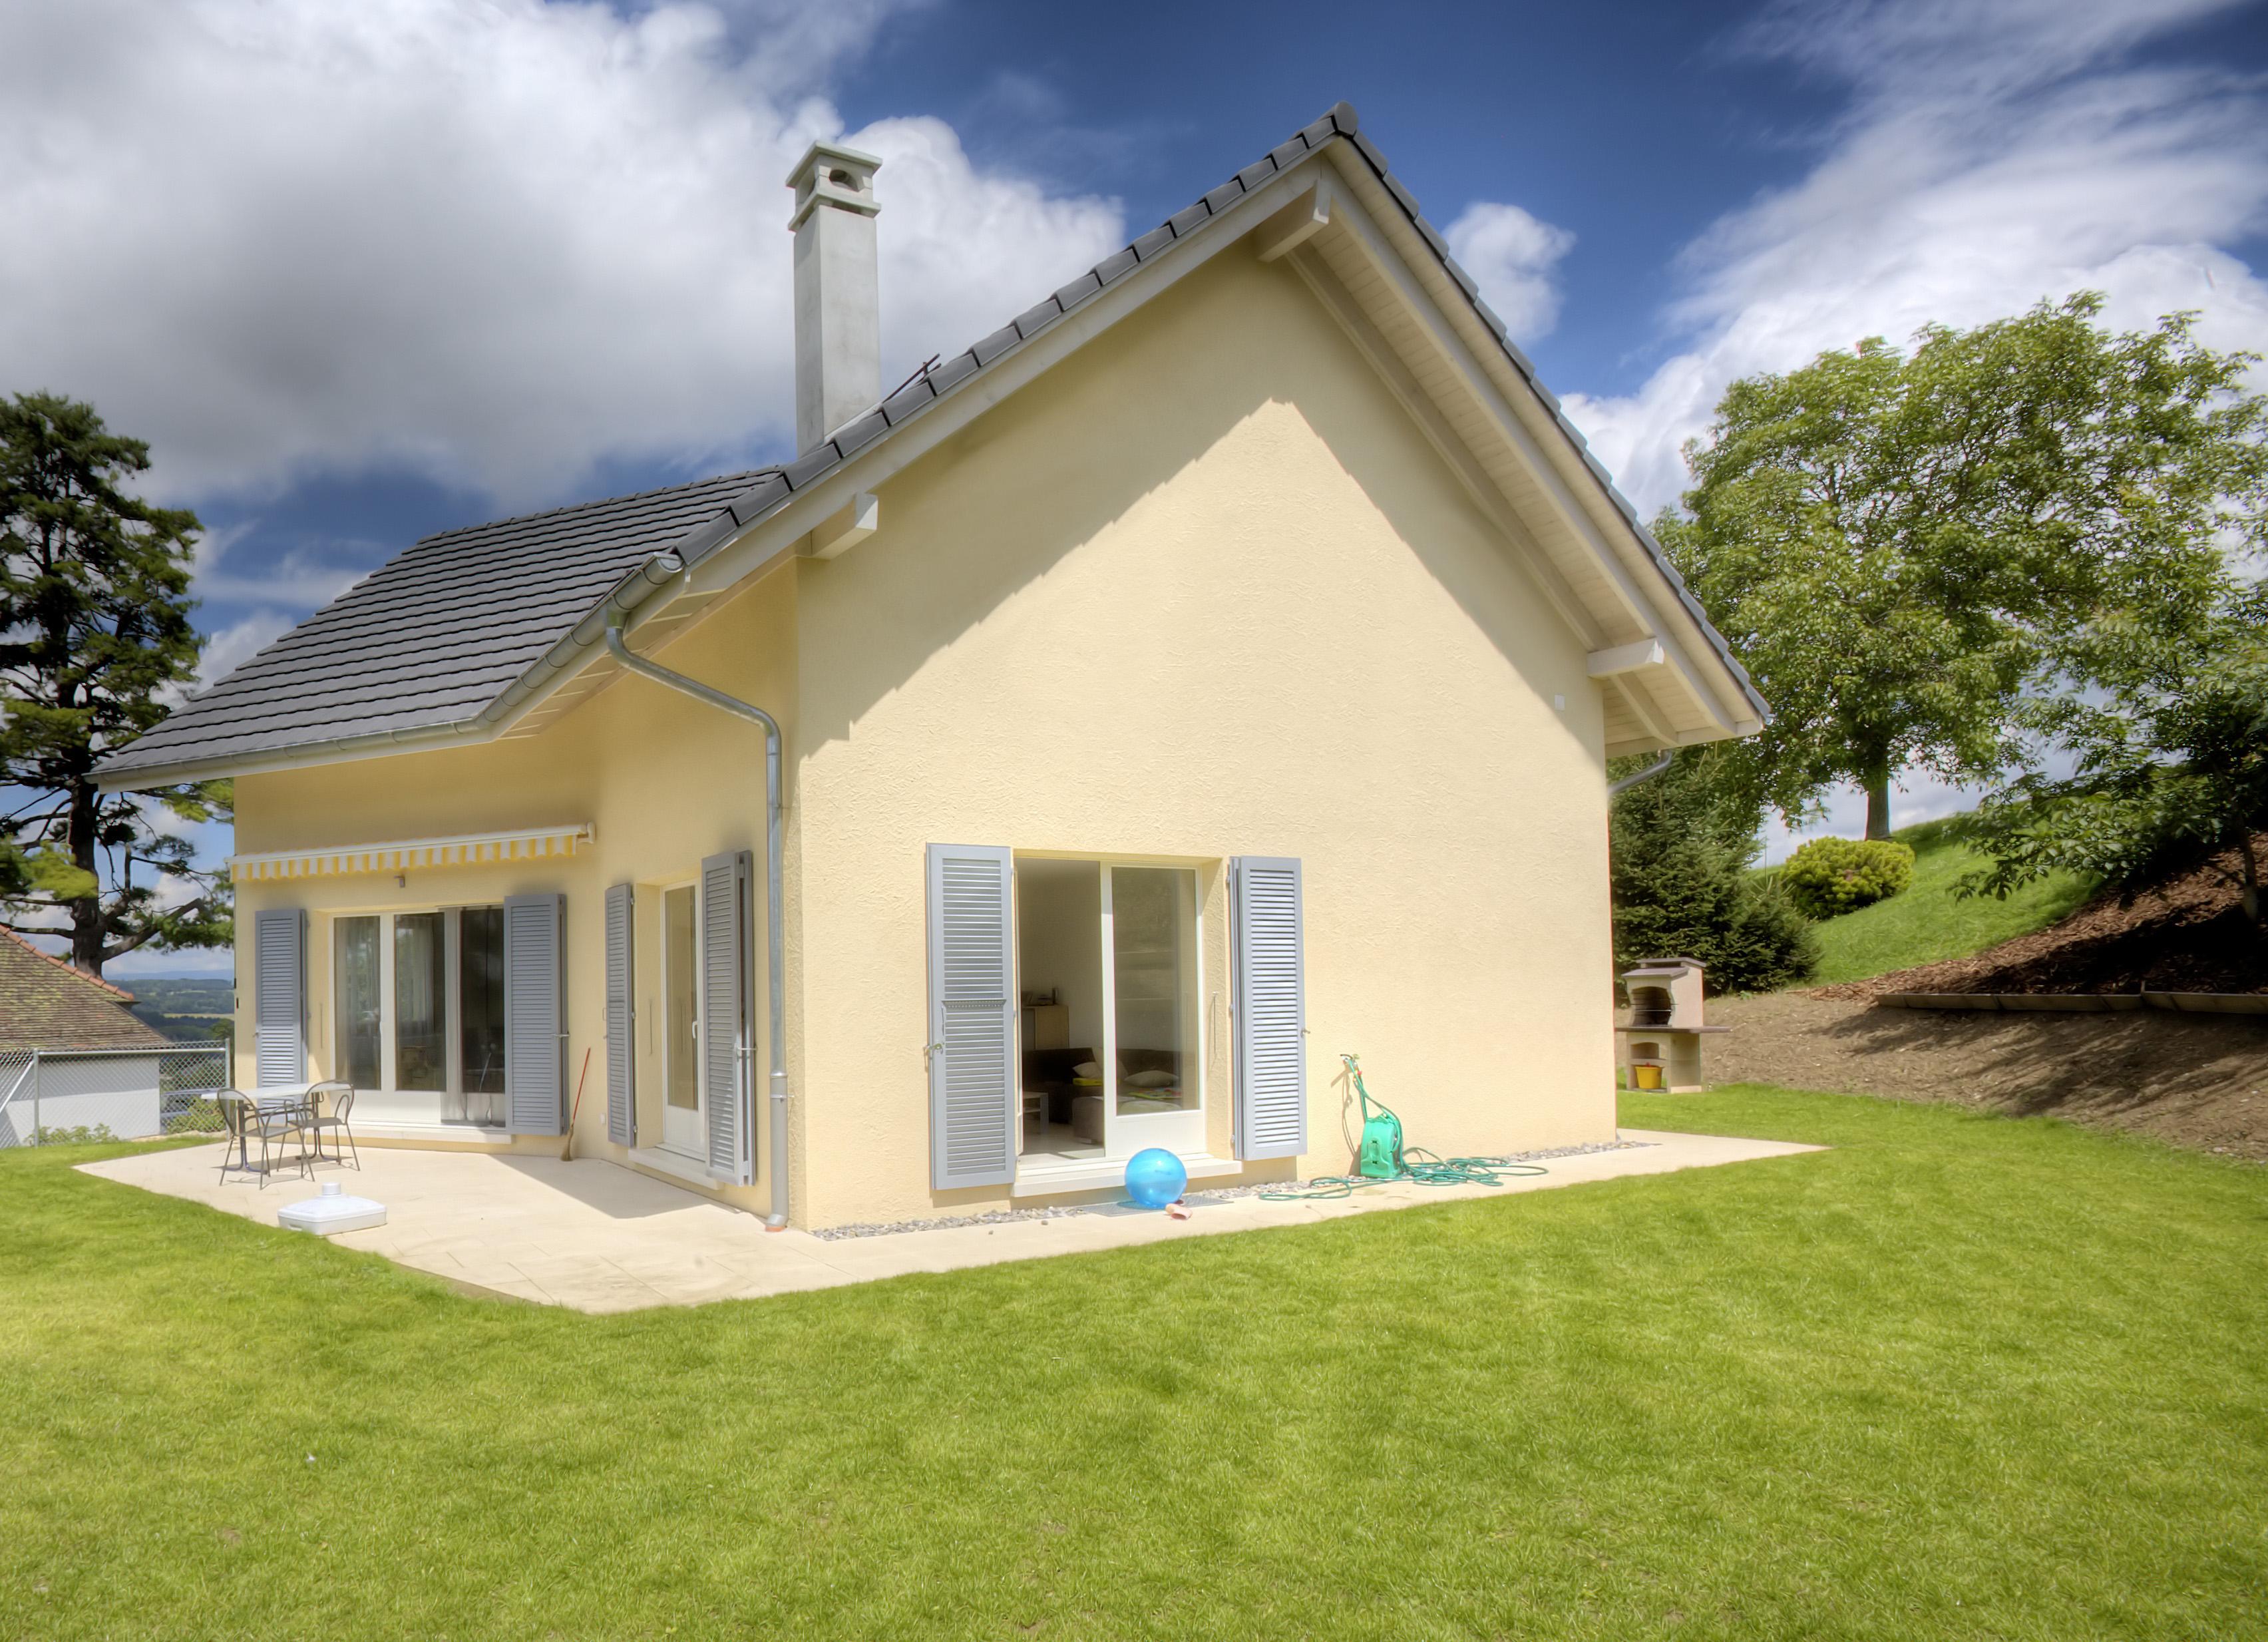 Maison avec combles greenunivers for Comble maison